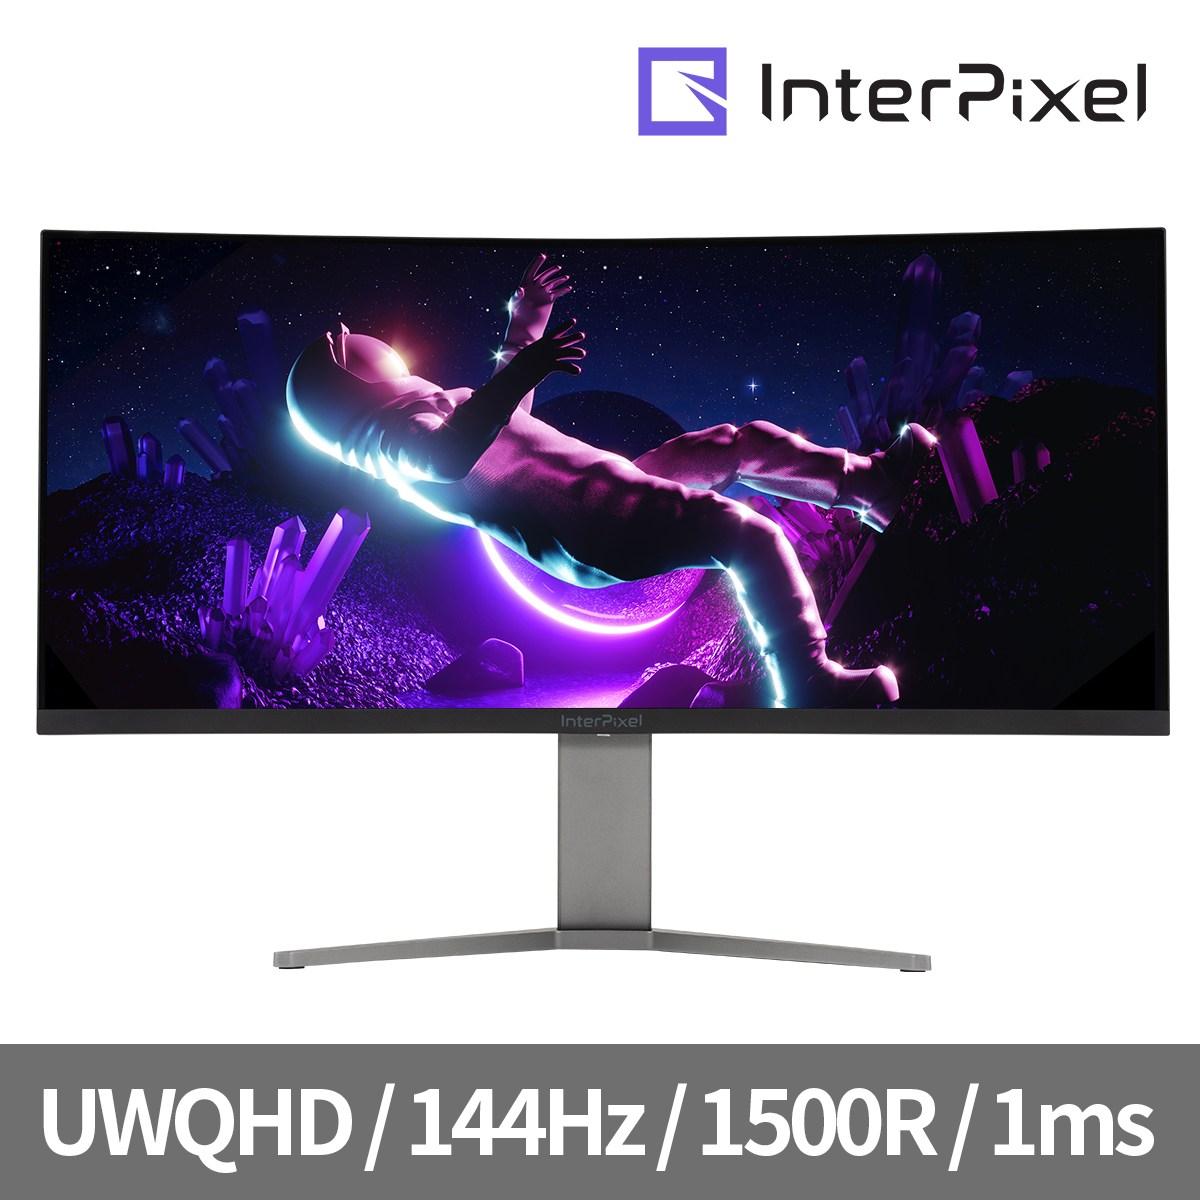 인터픽셀 IPU3431 34인치 UWQHD 144Hz 1500R 울트라 와이드 게이밍 모니터, IPU3431(무결점)